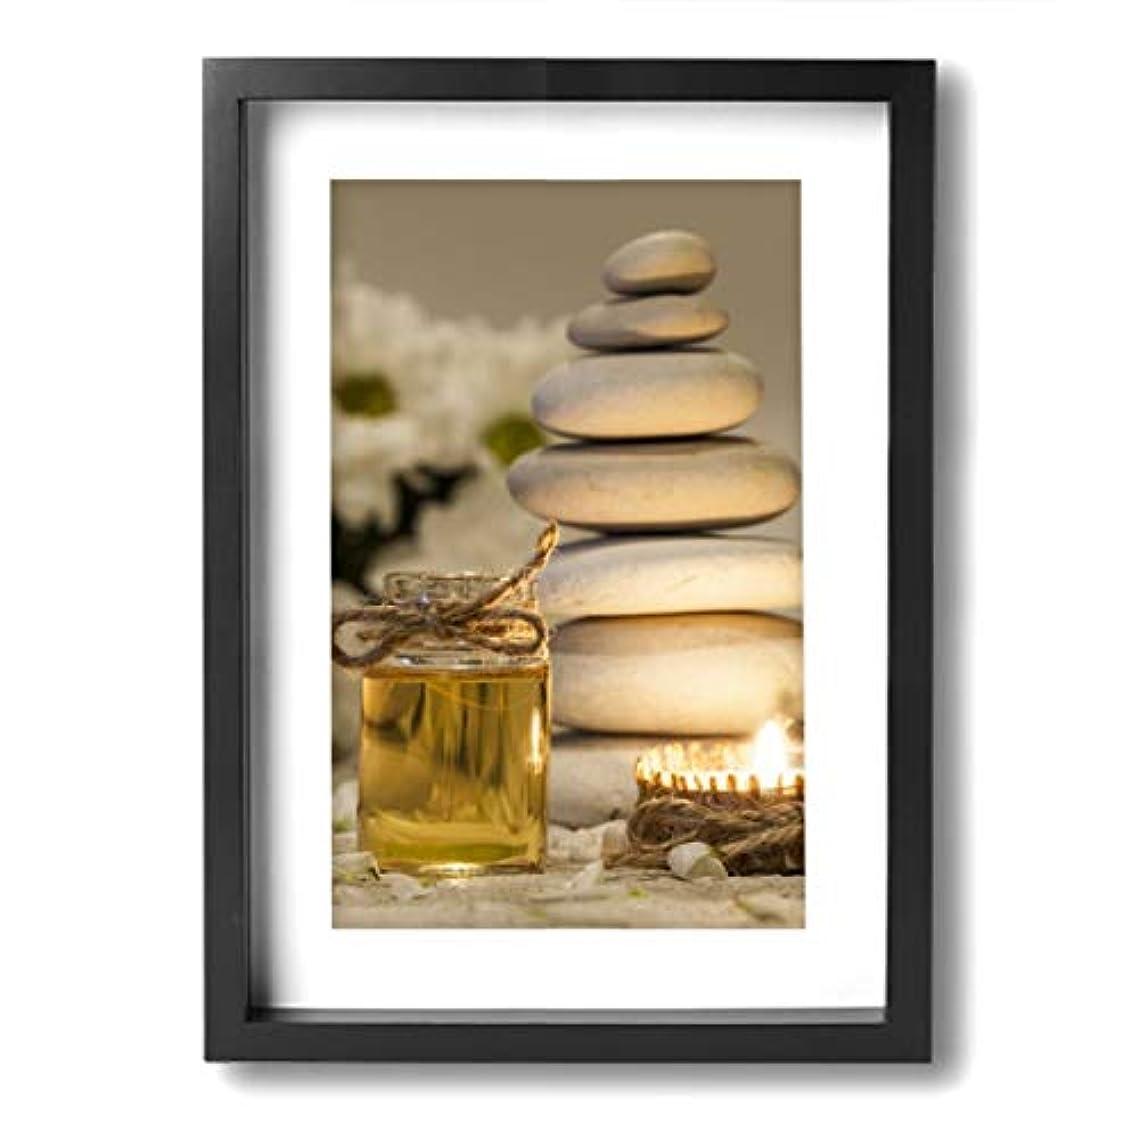 繁殖リハーサル数魅力的な芸術 20x30cm Chamomile Essential Oil Chamomile Flowers キャンバスの壁アート 画像プリント絵画リビングルームの壁の装飾と家の装飾のための現代アートワークハングする...